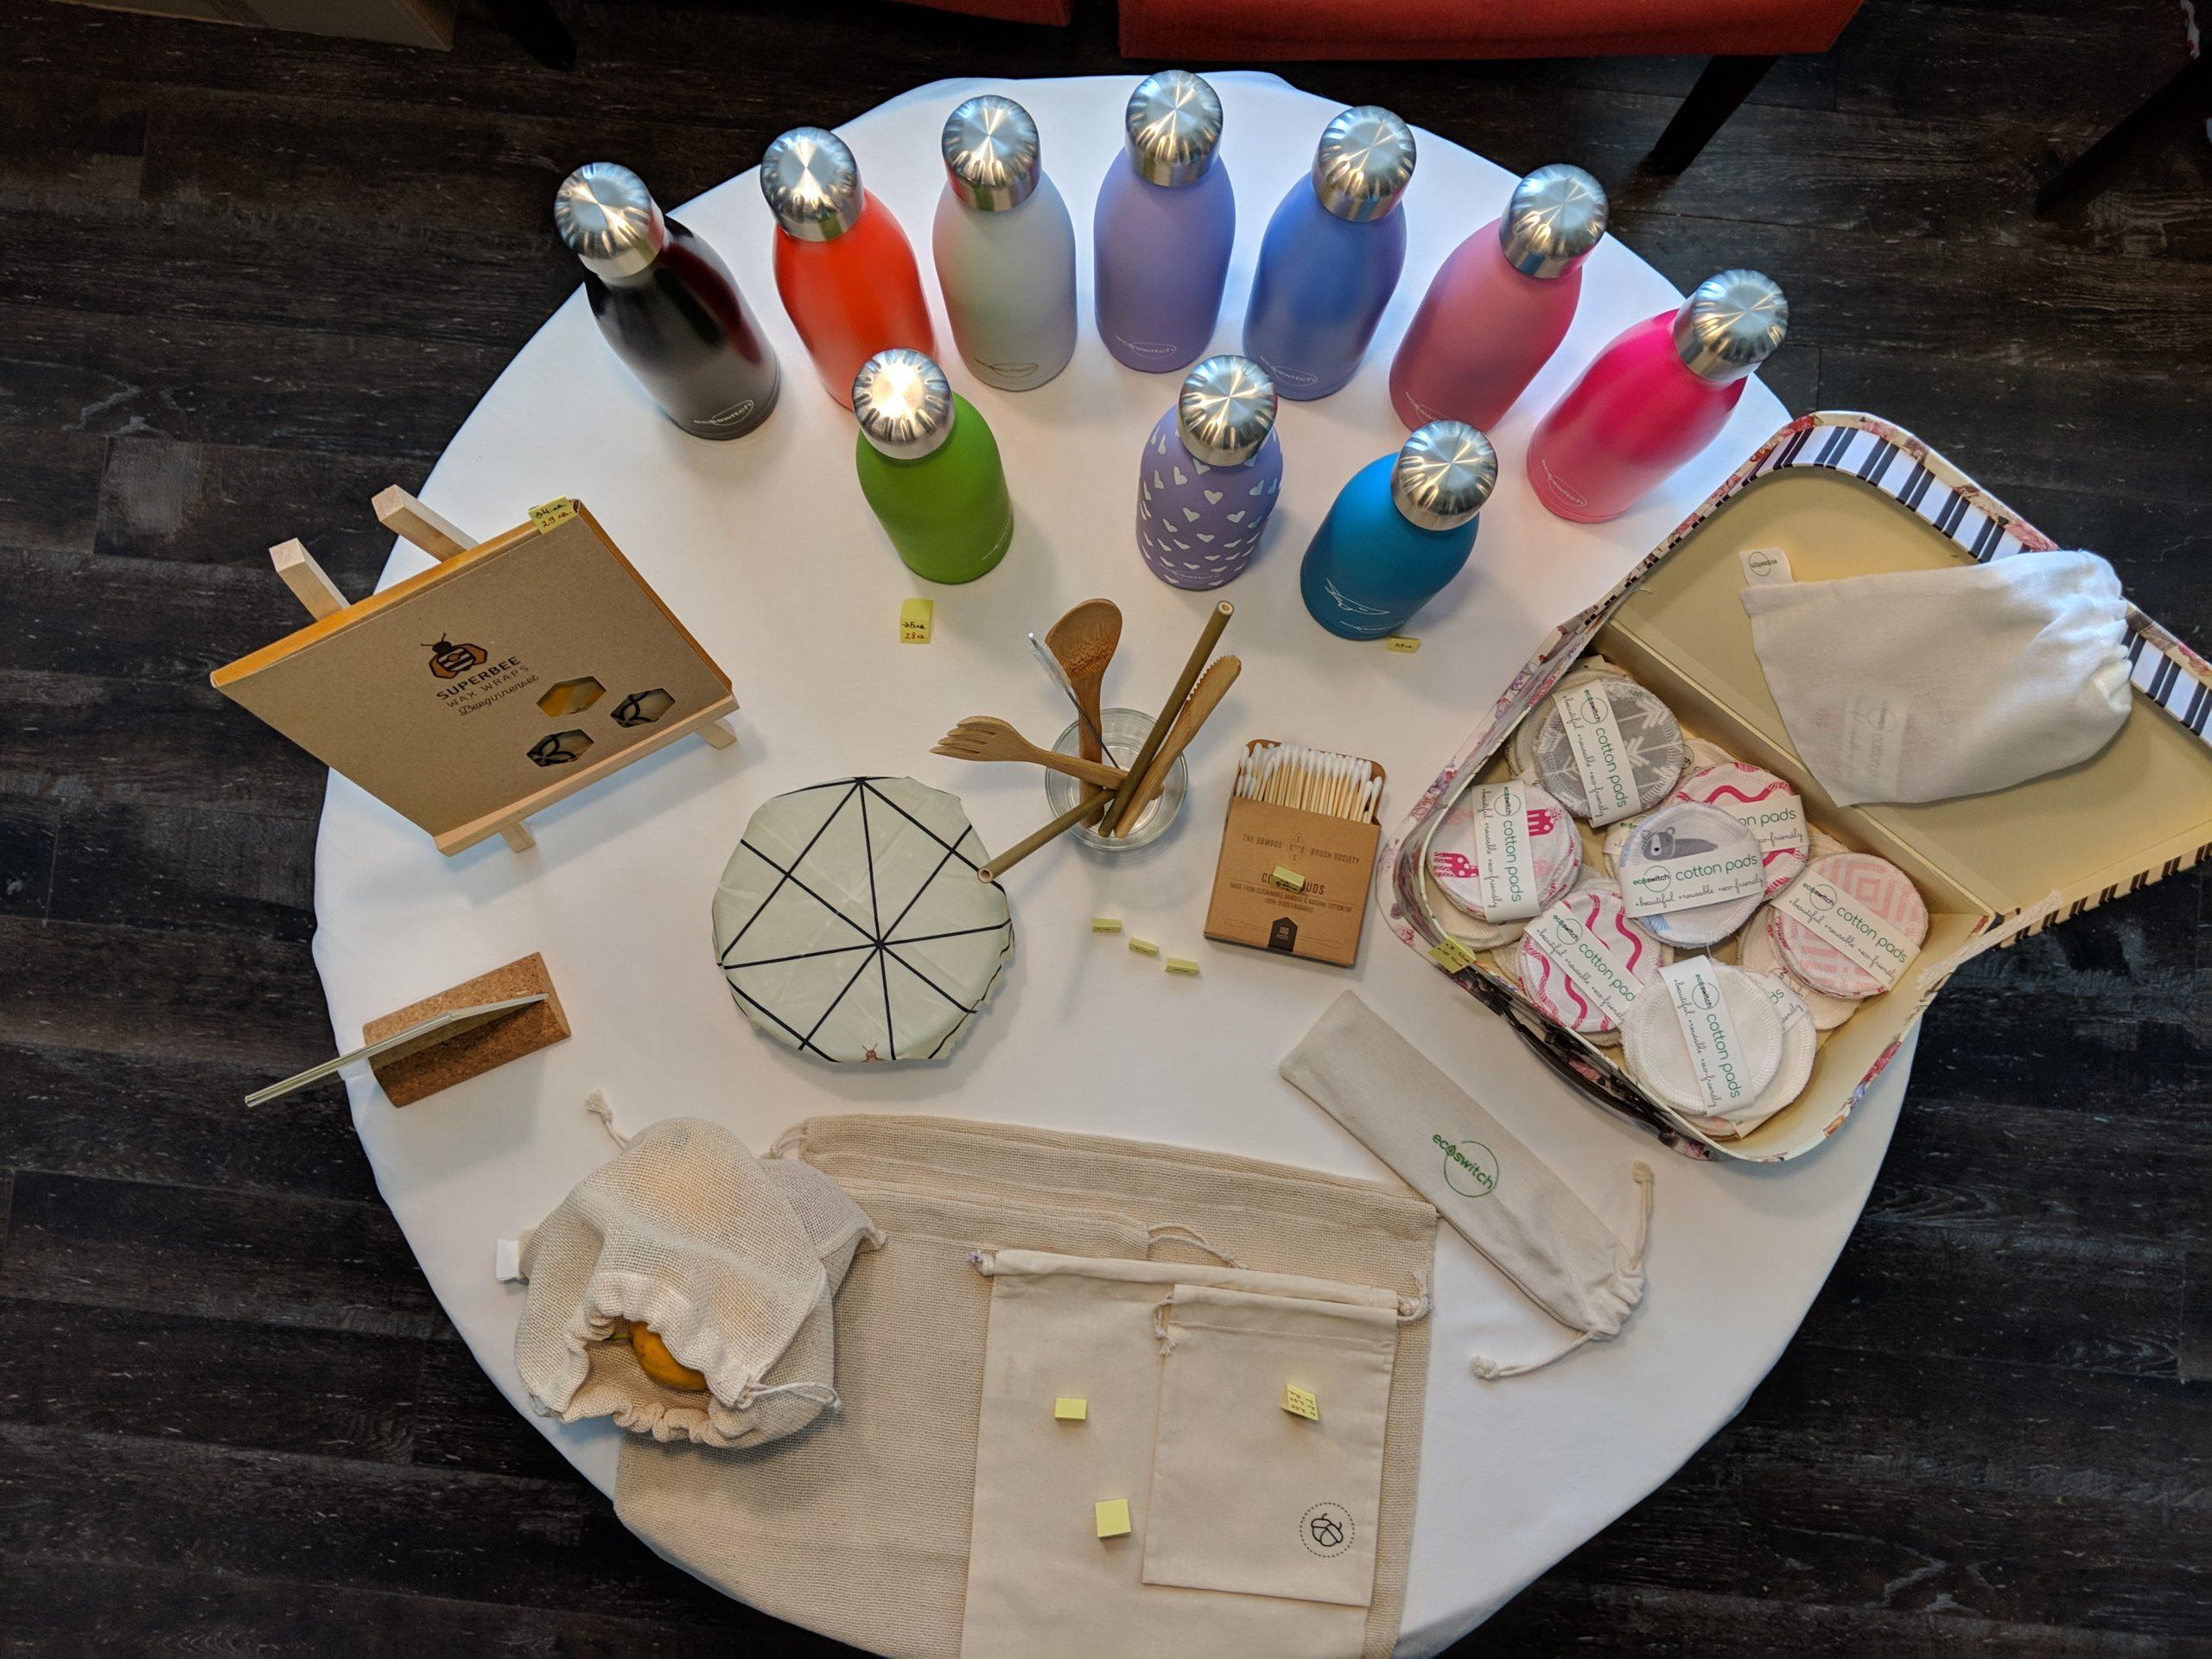 Кръгла маса, снимана от високо, с наредени върху нея продукти